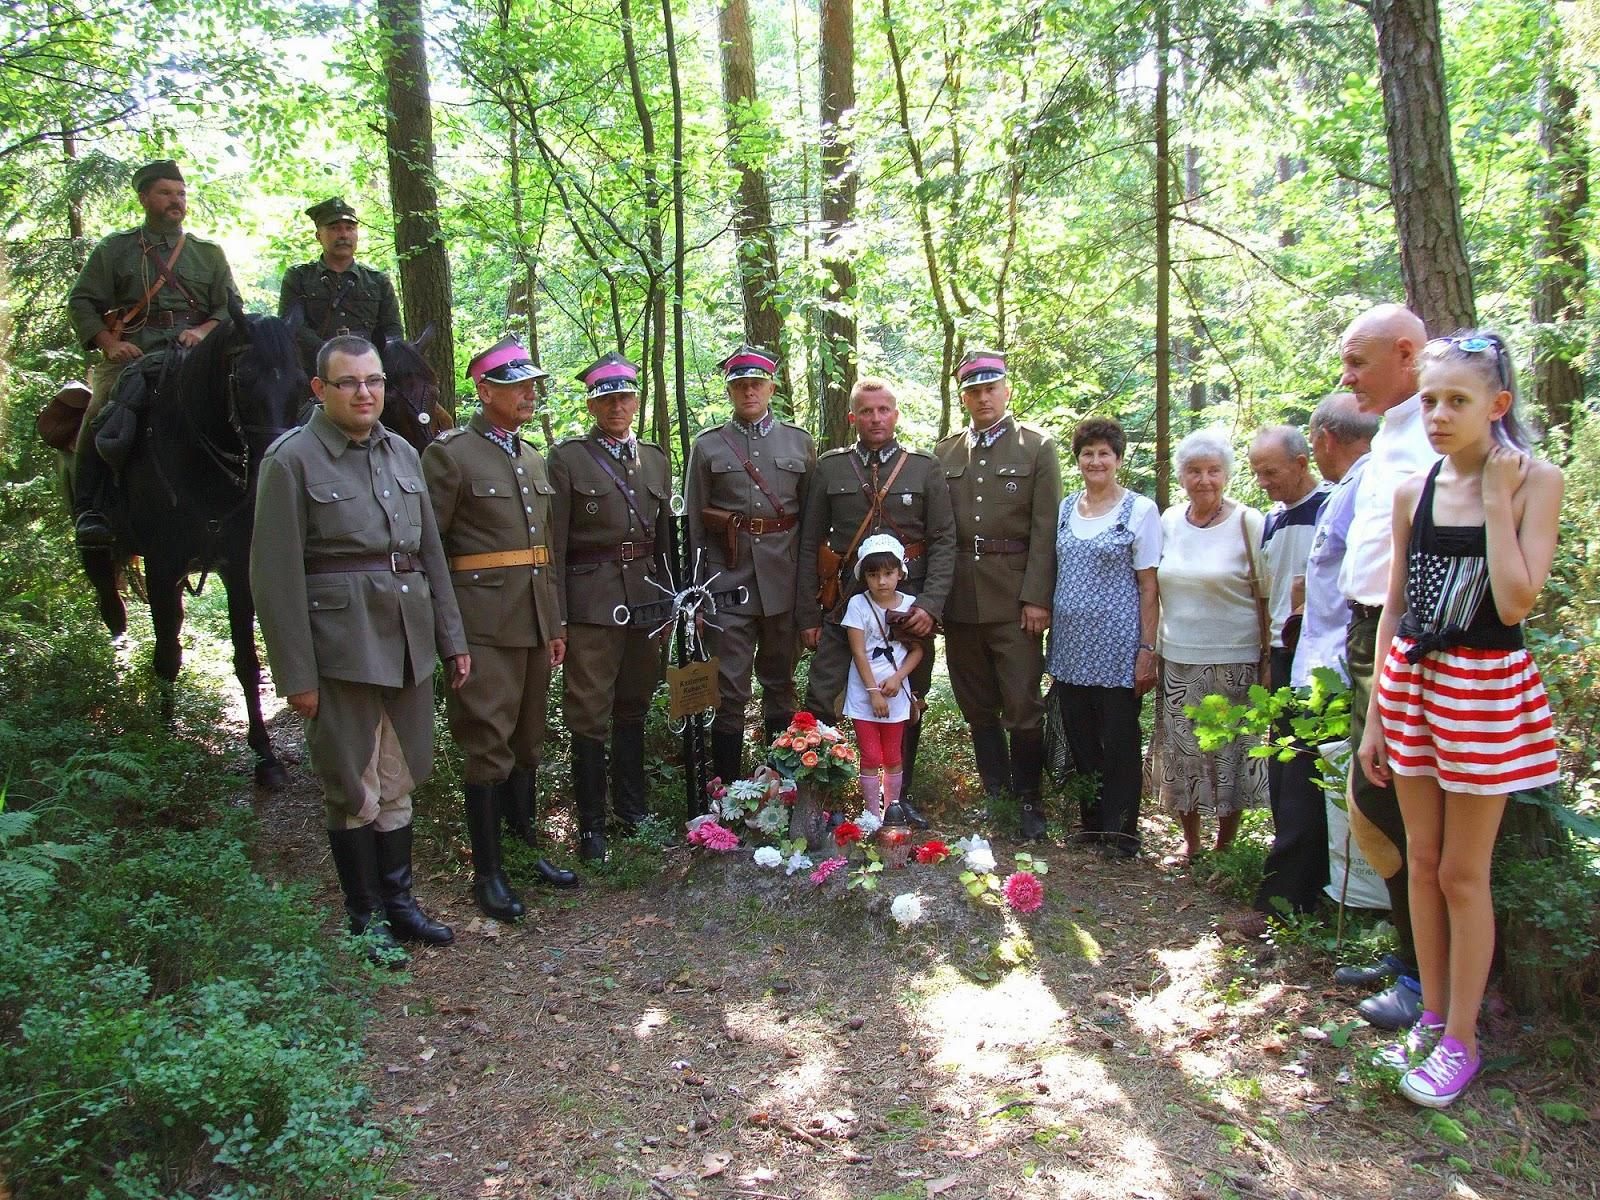 Nieopodal mogiły chłopów z Gałek, znajduje się w lesie samotna wojenna mogiła hubalczyka Kazimierz Kubackiego. Foto. Jacek Lombarski.